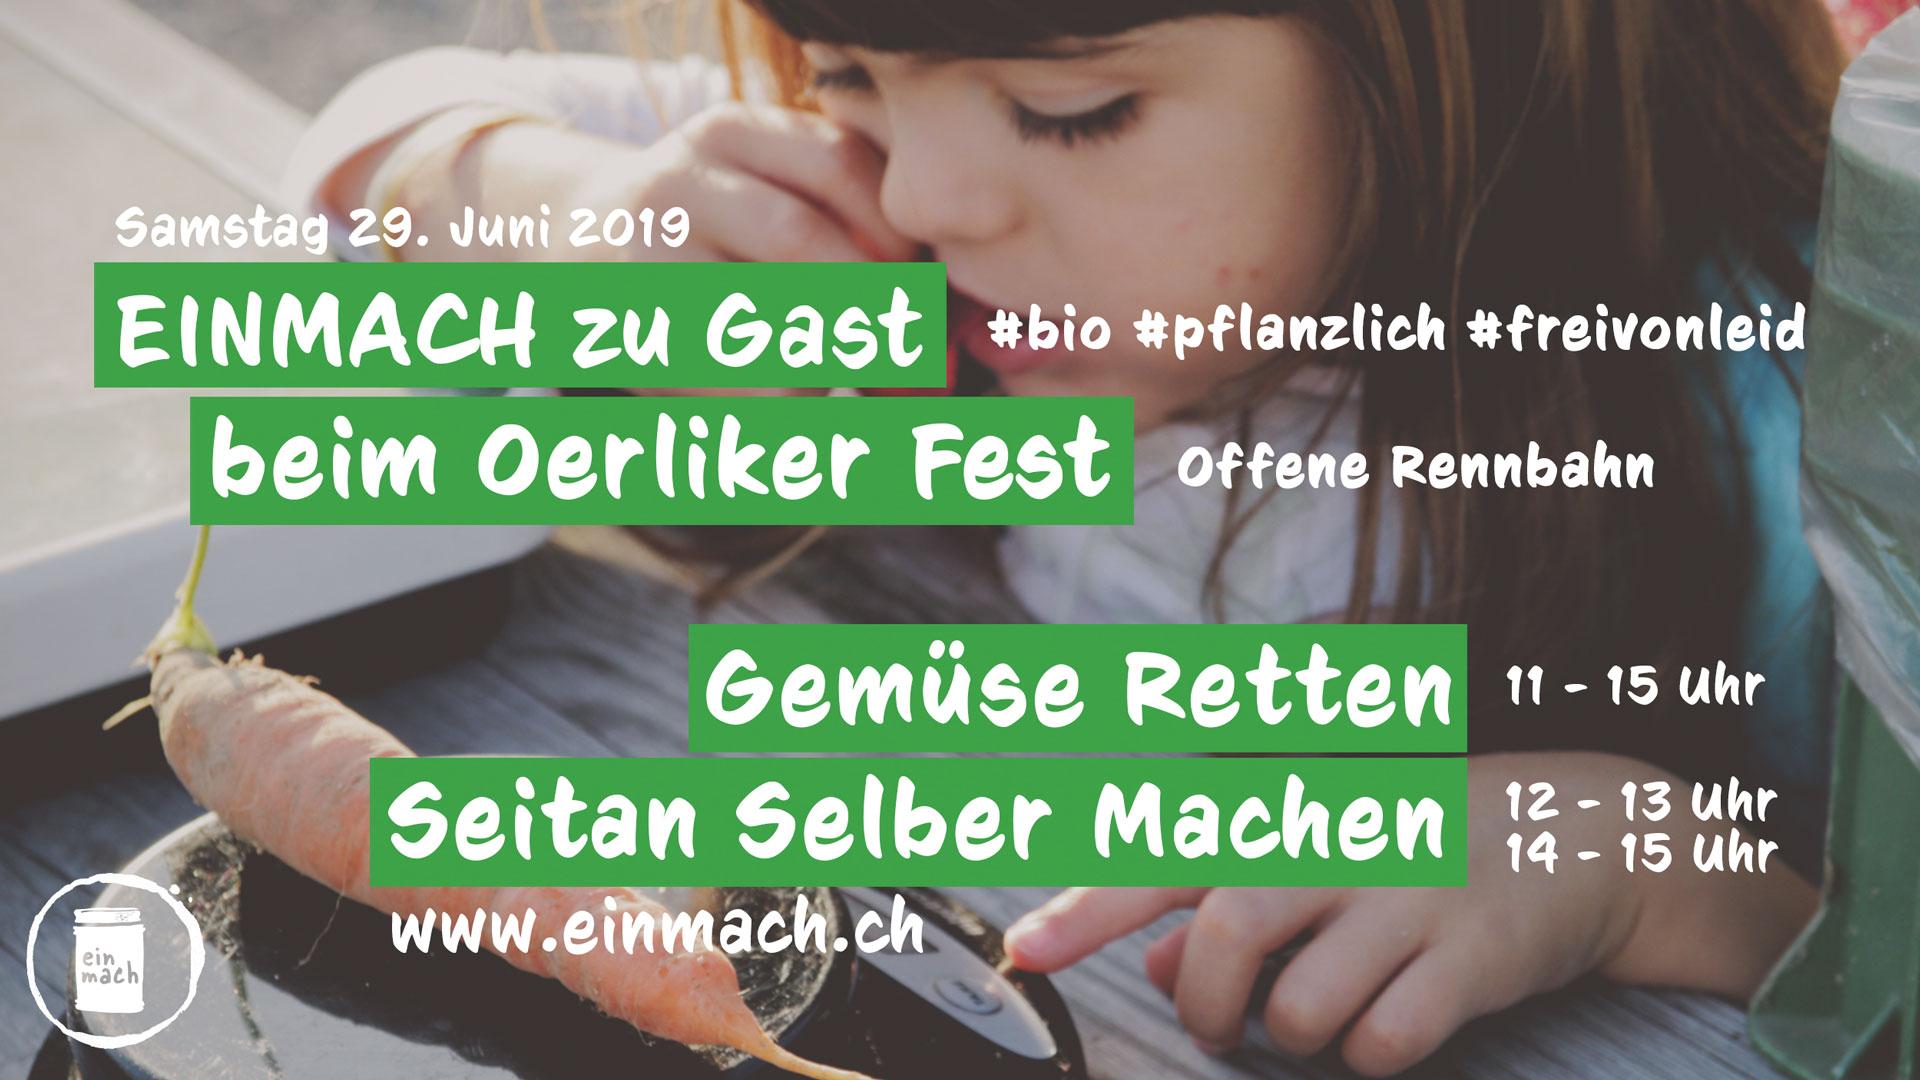 Einmach @ Oerliker Fest – Samstag 29. Juni 2019